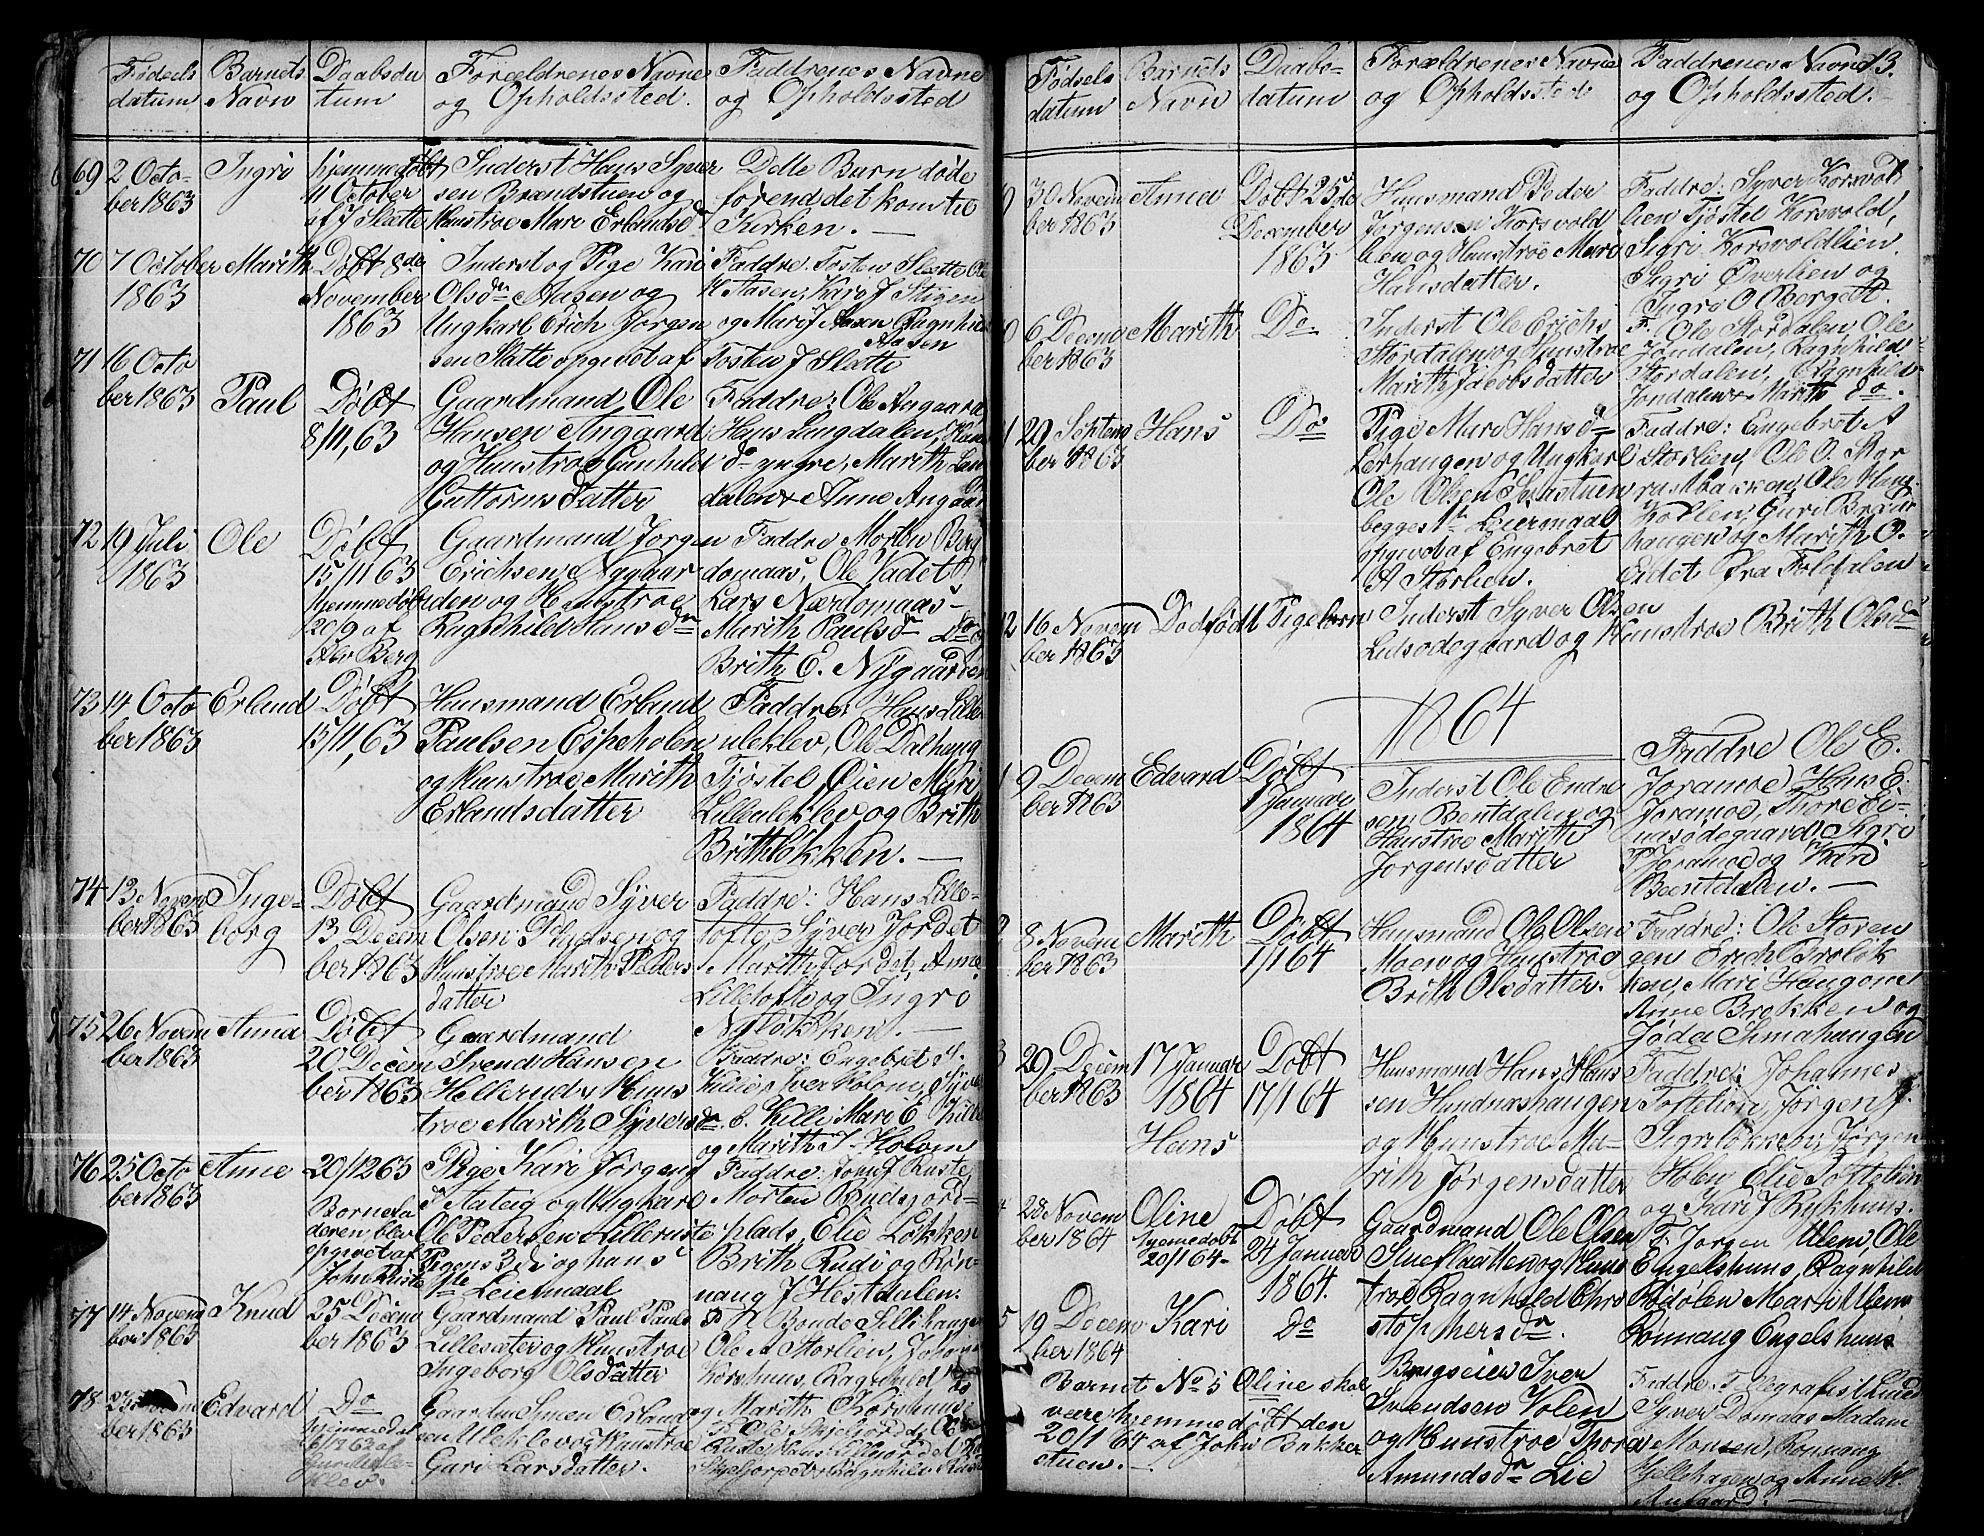 SAH, Dovre prestekontor, Klokkerbok nr. 1, 1862-1880, s. 13